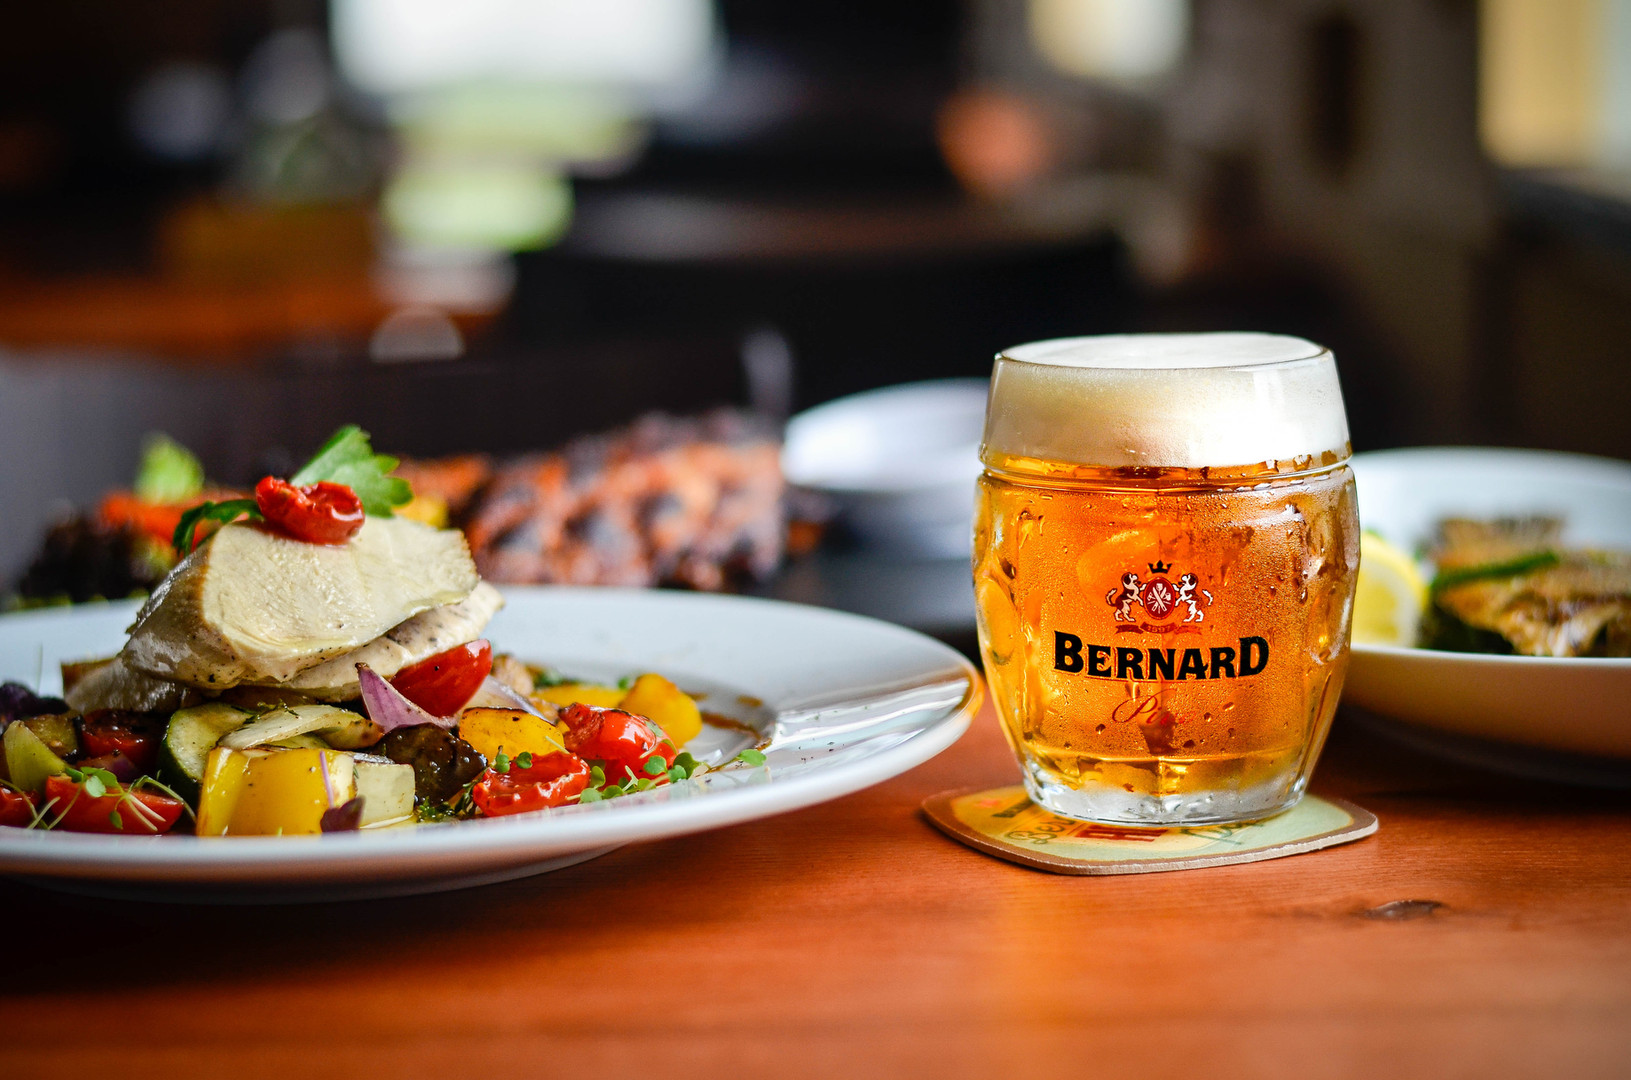 kurací steak s pivom Bernard